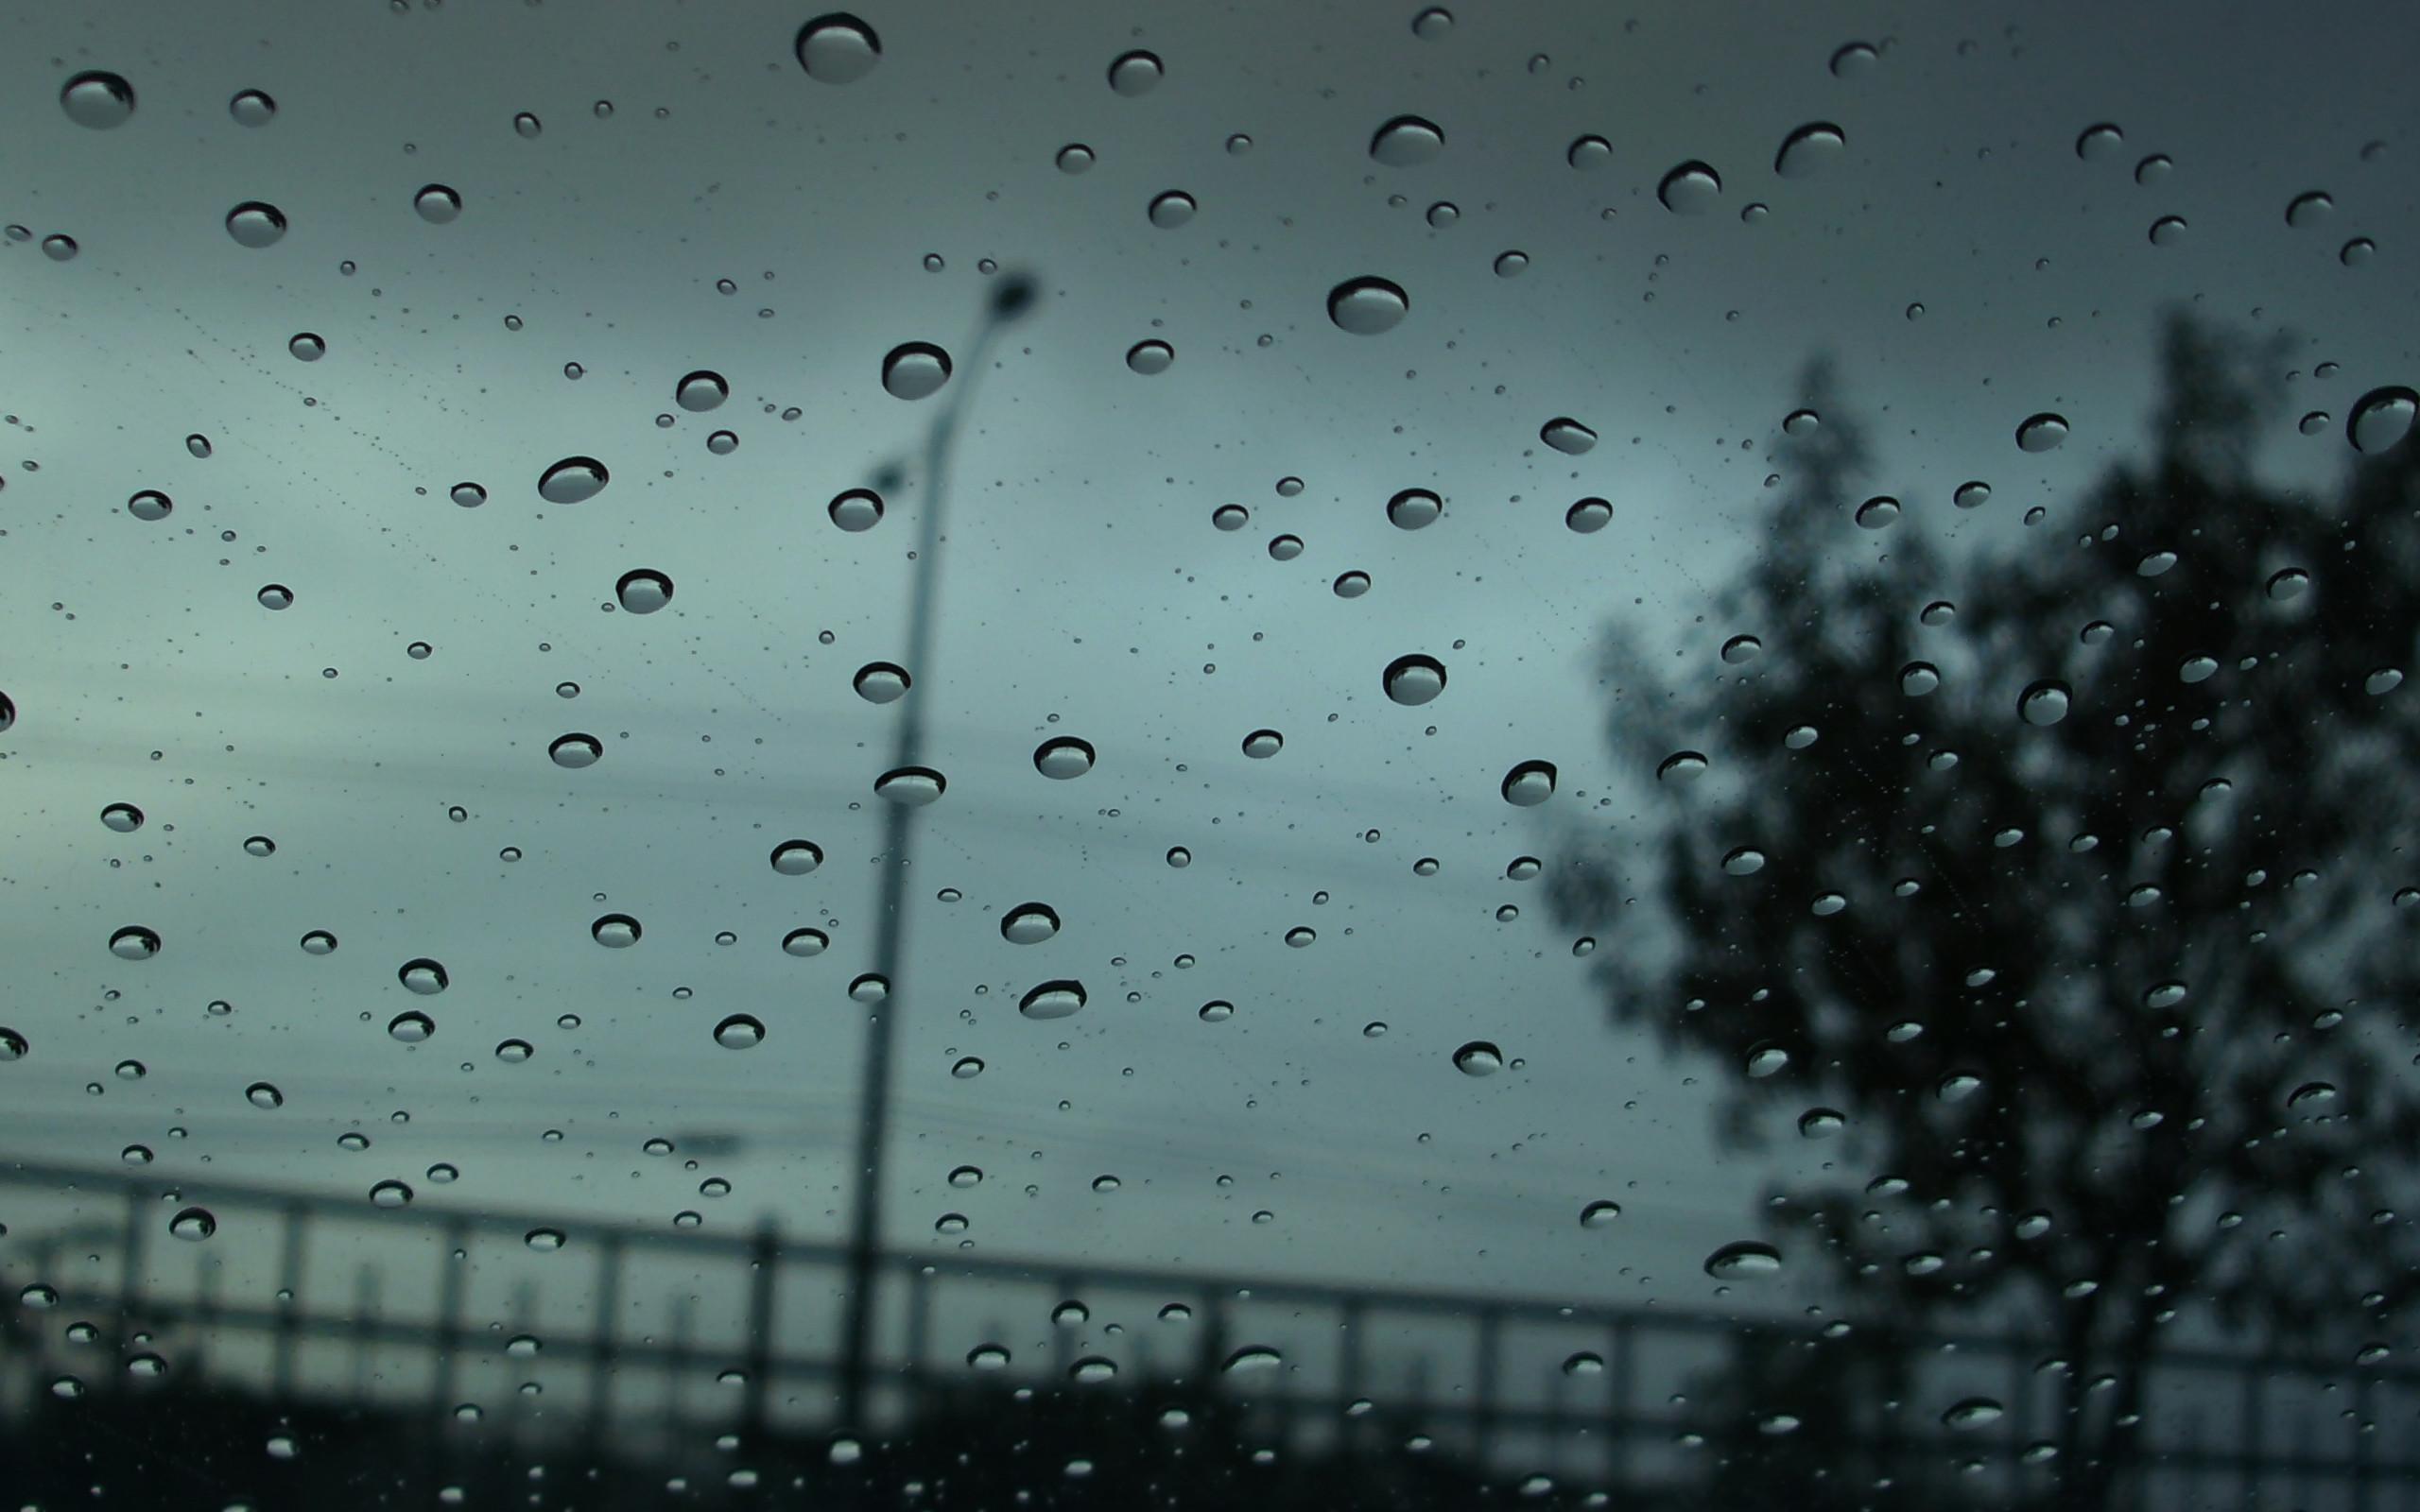 Autumn Rain wallpapers   Autumn Rain stock photos